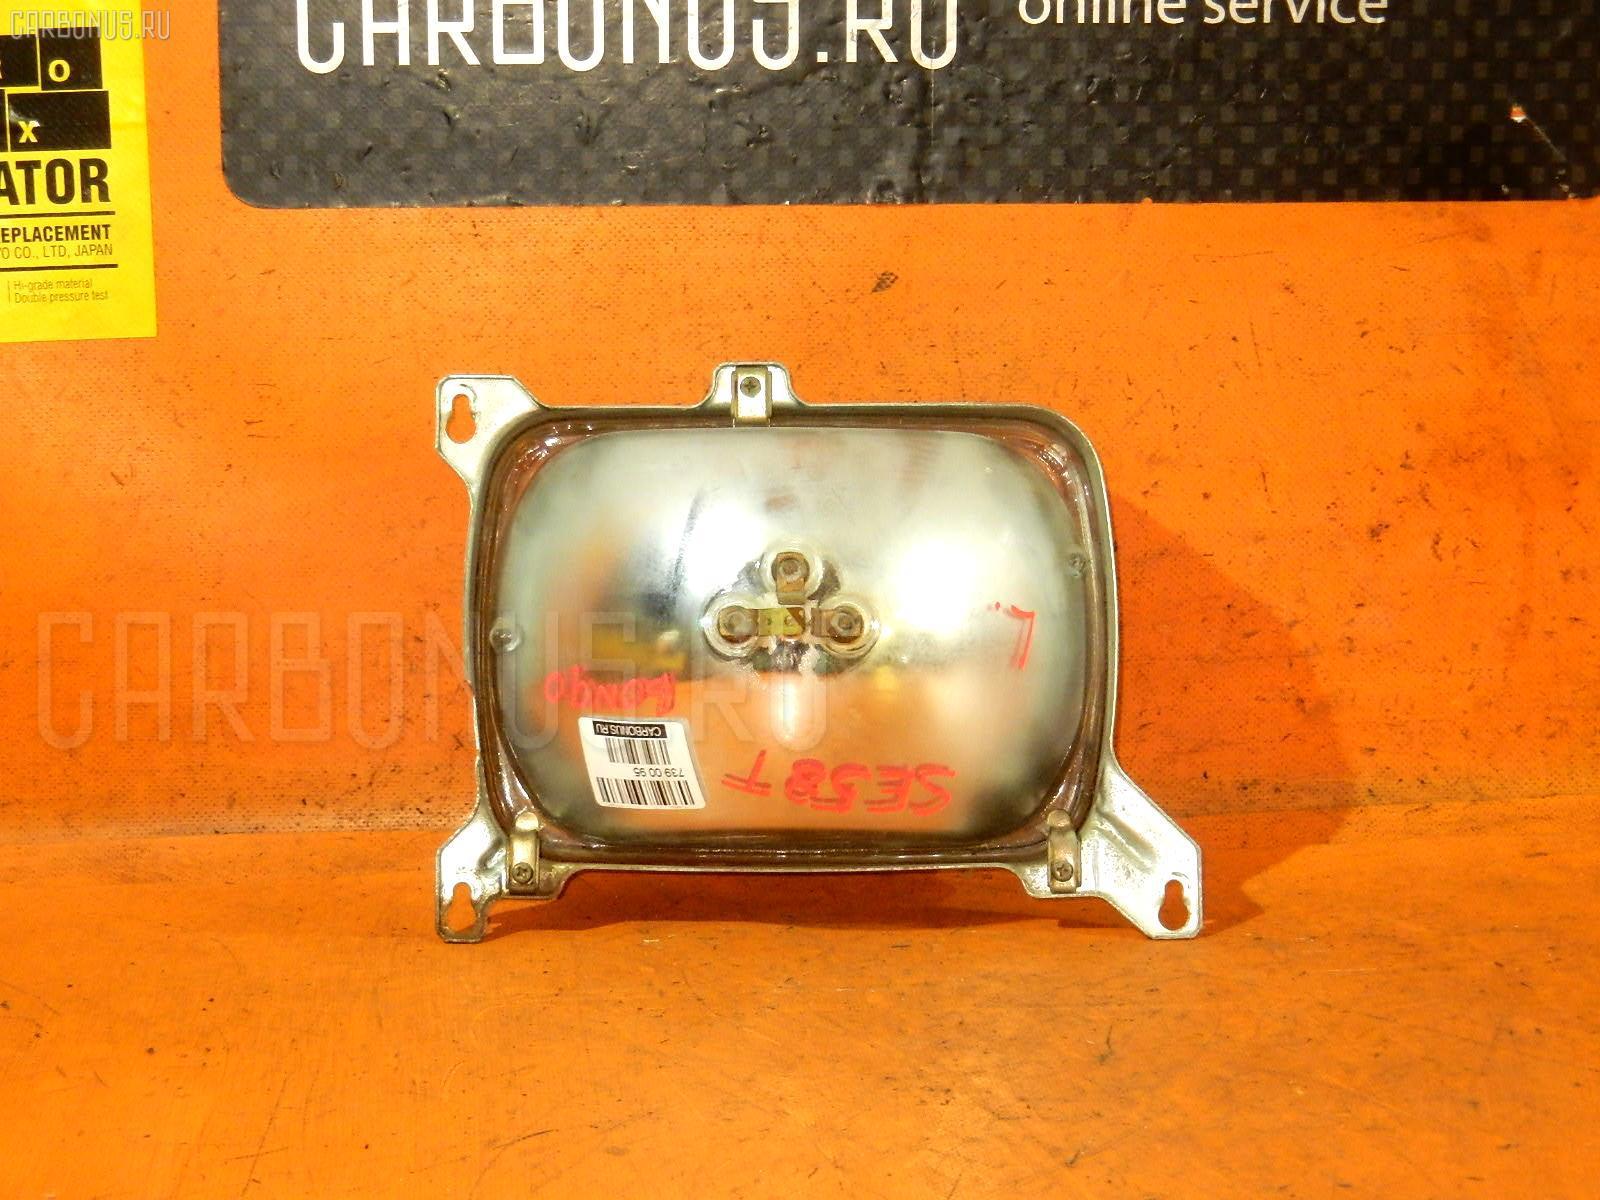 Лампа-фара MAZDA BONGO SE56T Фото 2